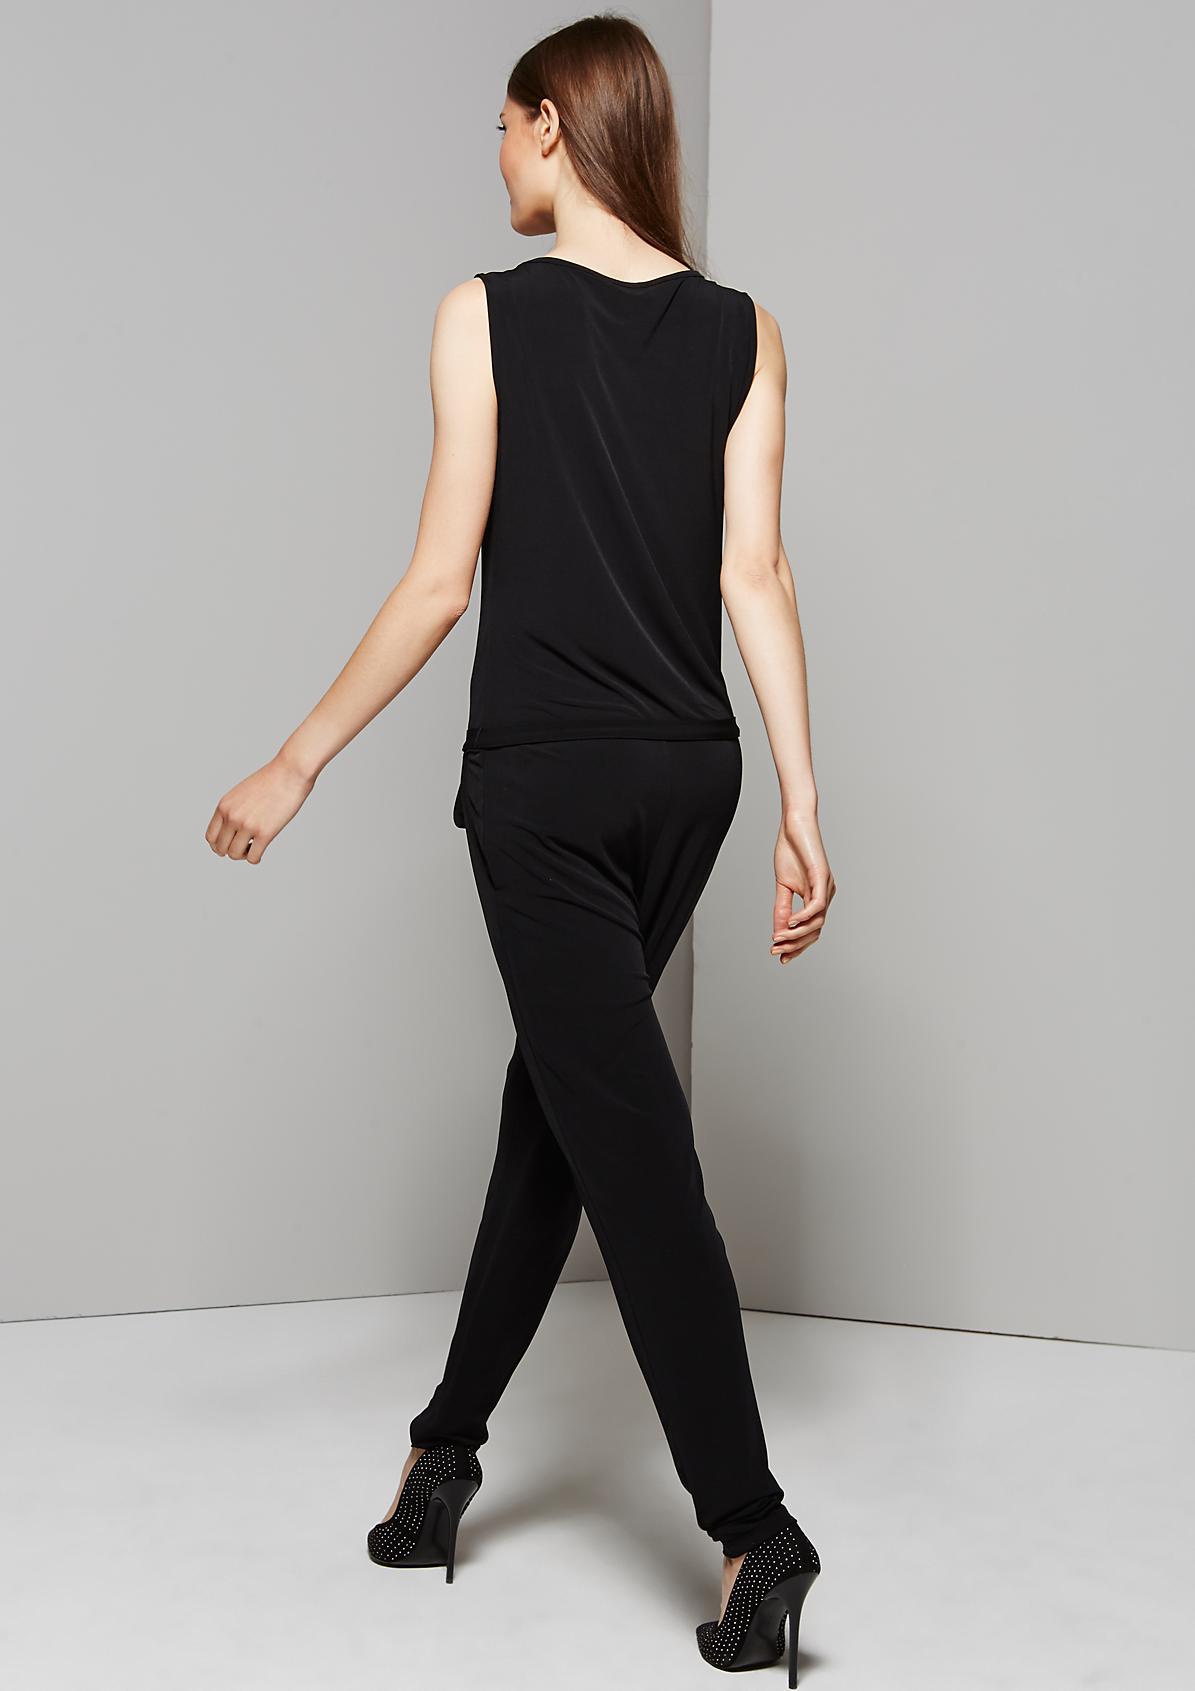 Eleganter Jumpsuit mit raffinierten Verzierungen